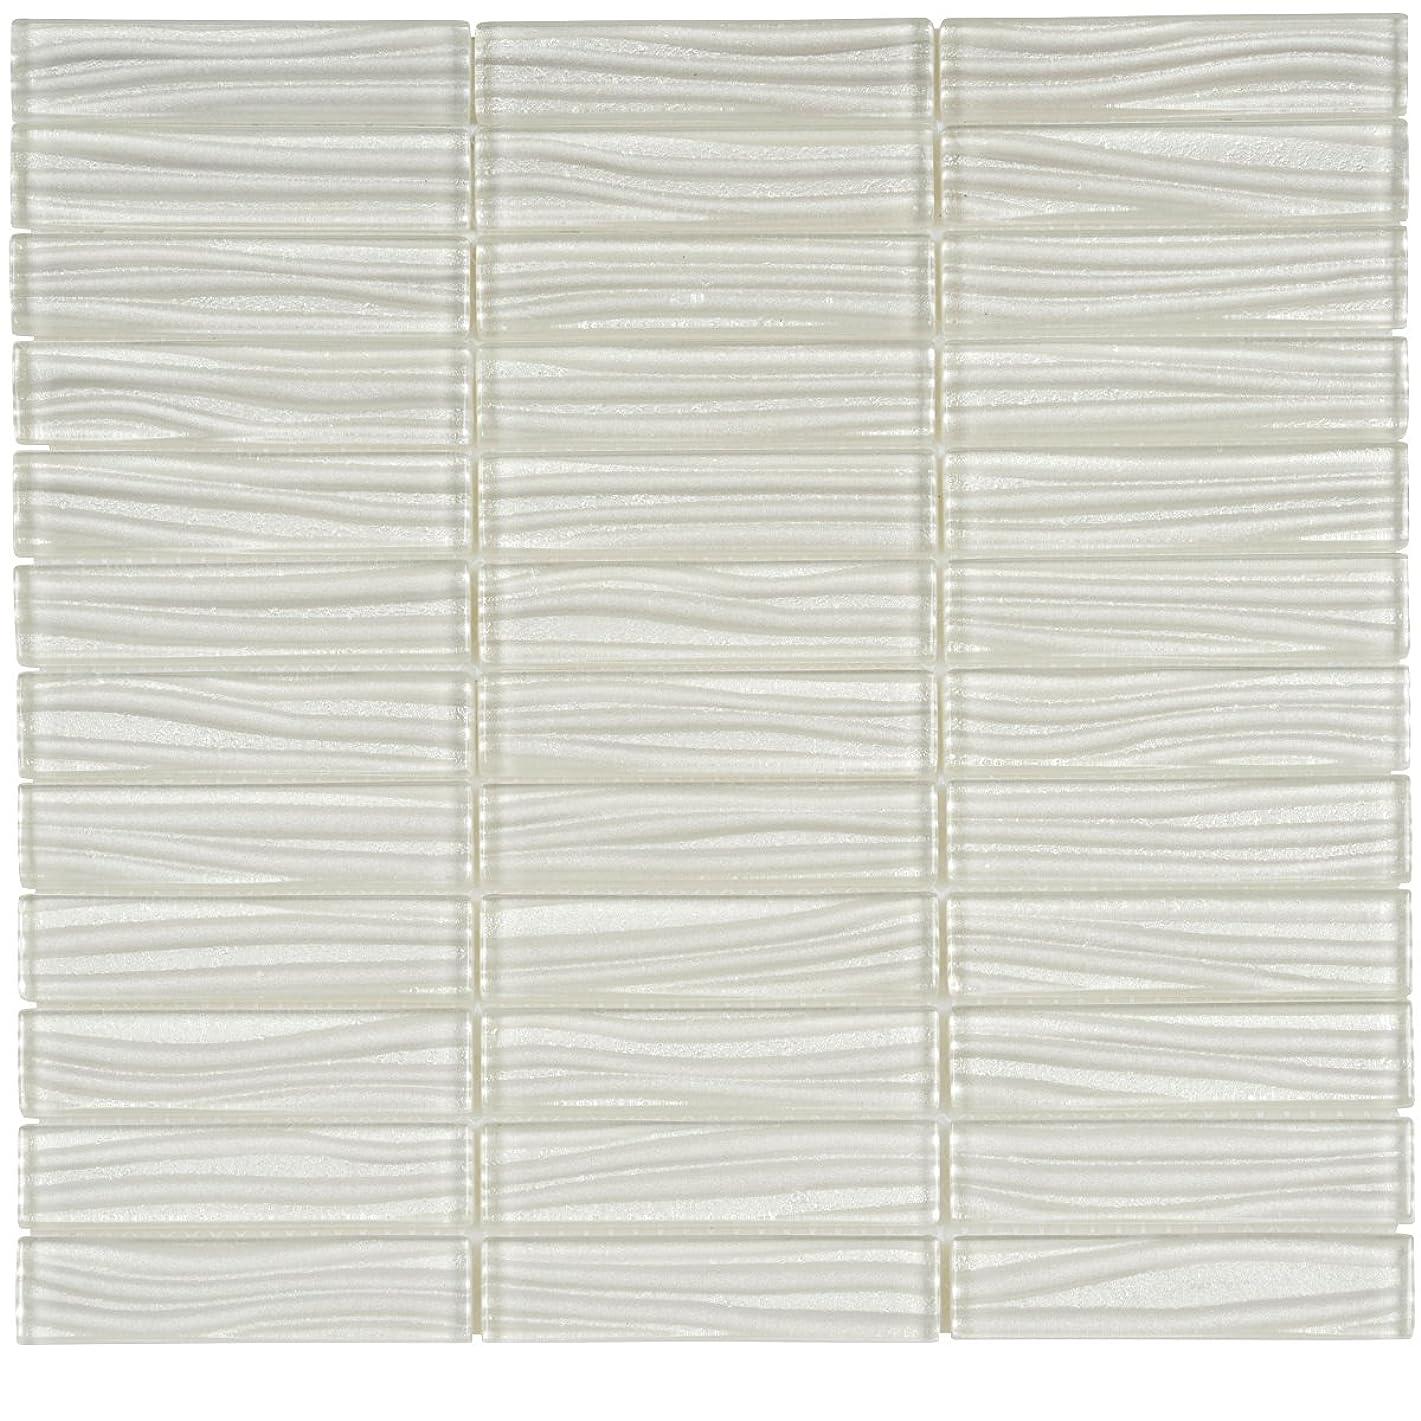 Modket TDH38MO Super White Wave Metallic Cold Spray Mosaic Tile Stacked Pattern Backsplash